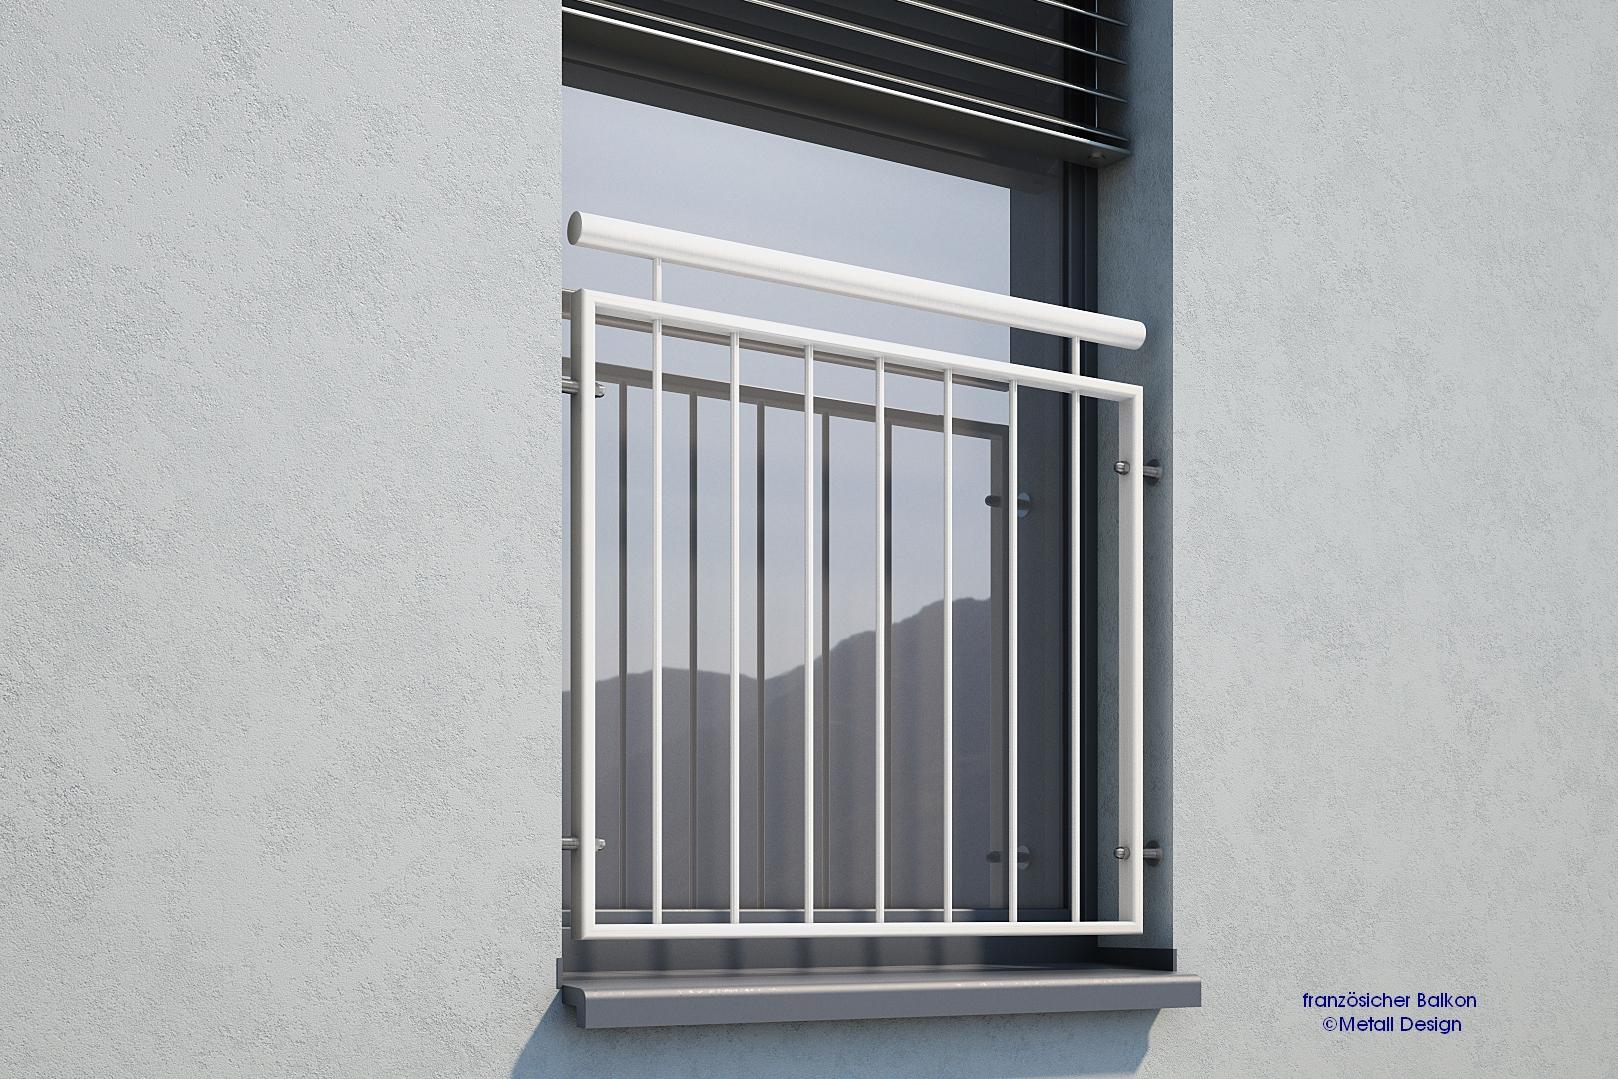 franz sischer balkon auf ma nur hochwertige verareitung. Black Bedroom Furniture Sets. Home Design Ideas